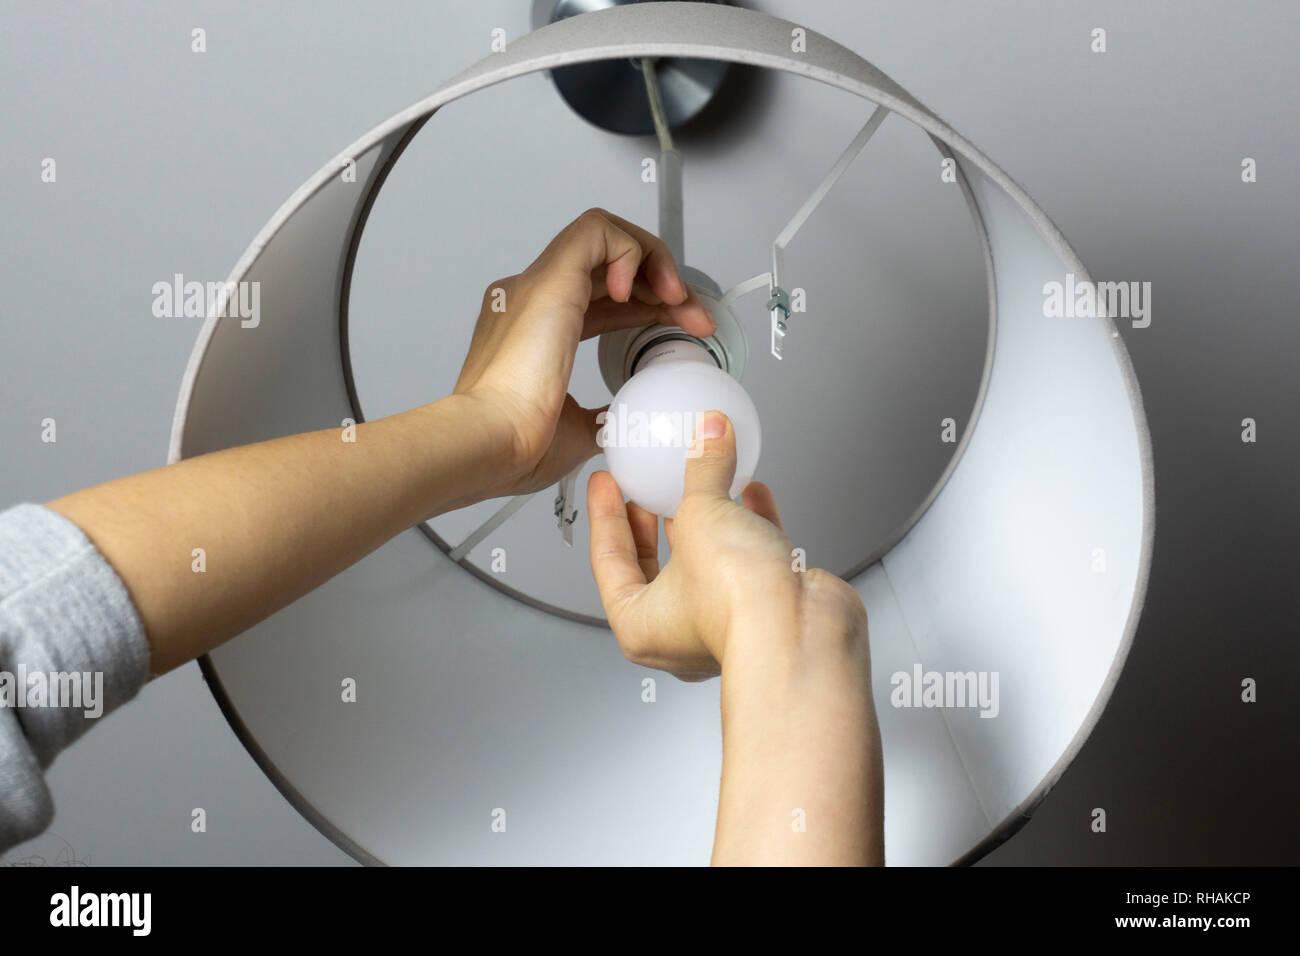 Bosch Kühlschrank Glühbirne Wechseln : Led deckenleuchte birne wechseln: led lampen deckenleuchte streifen